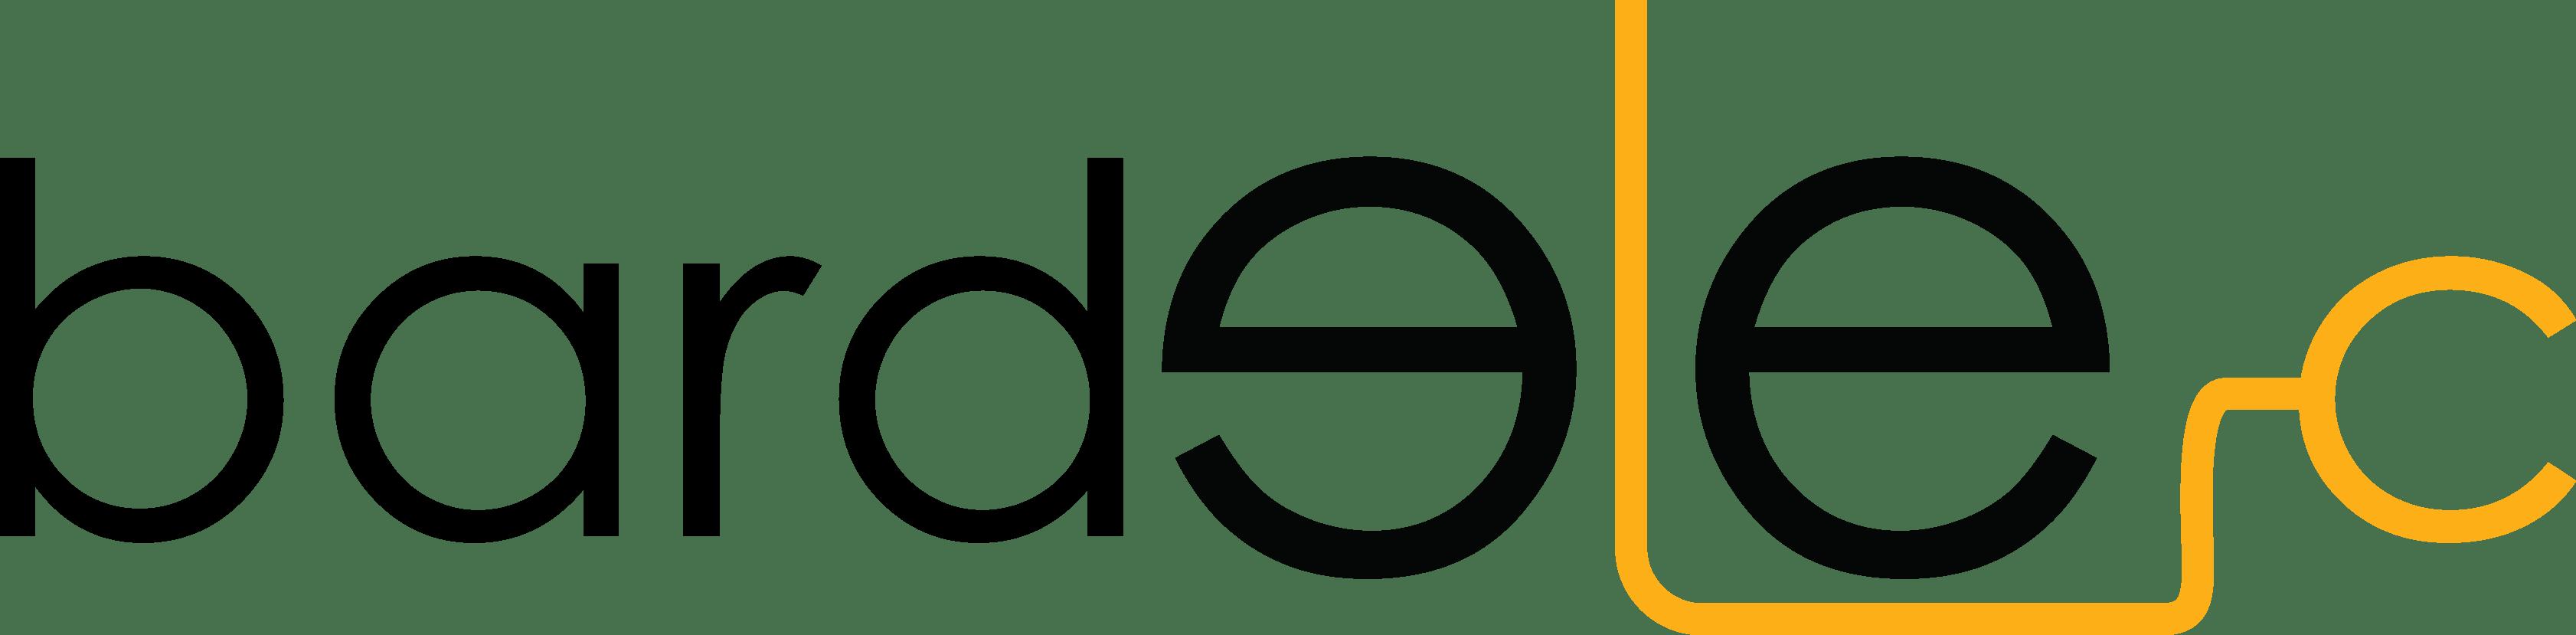 Bardelec